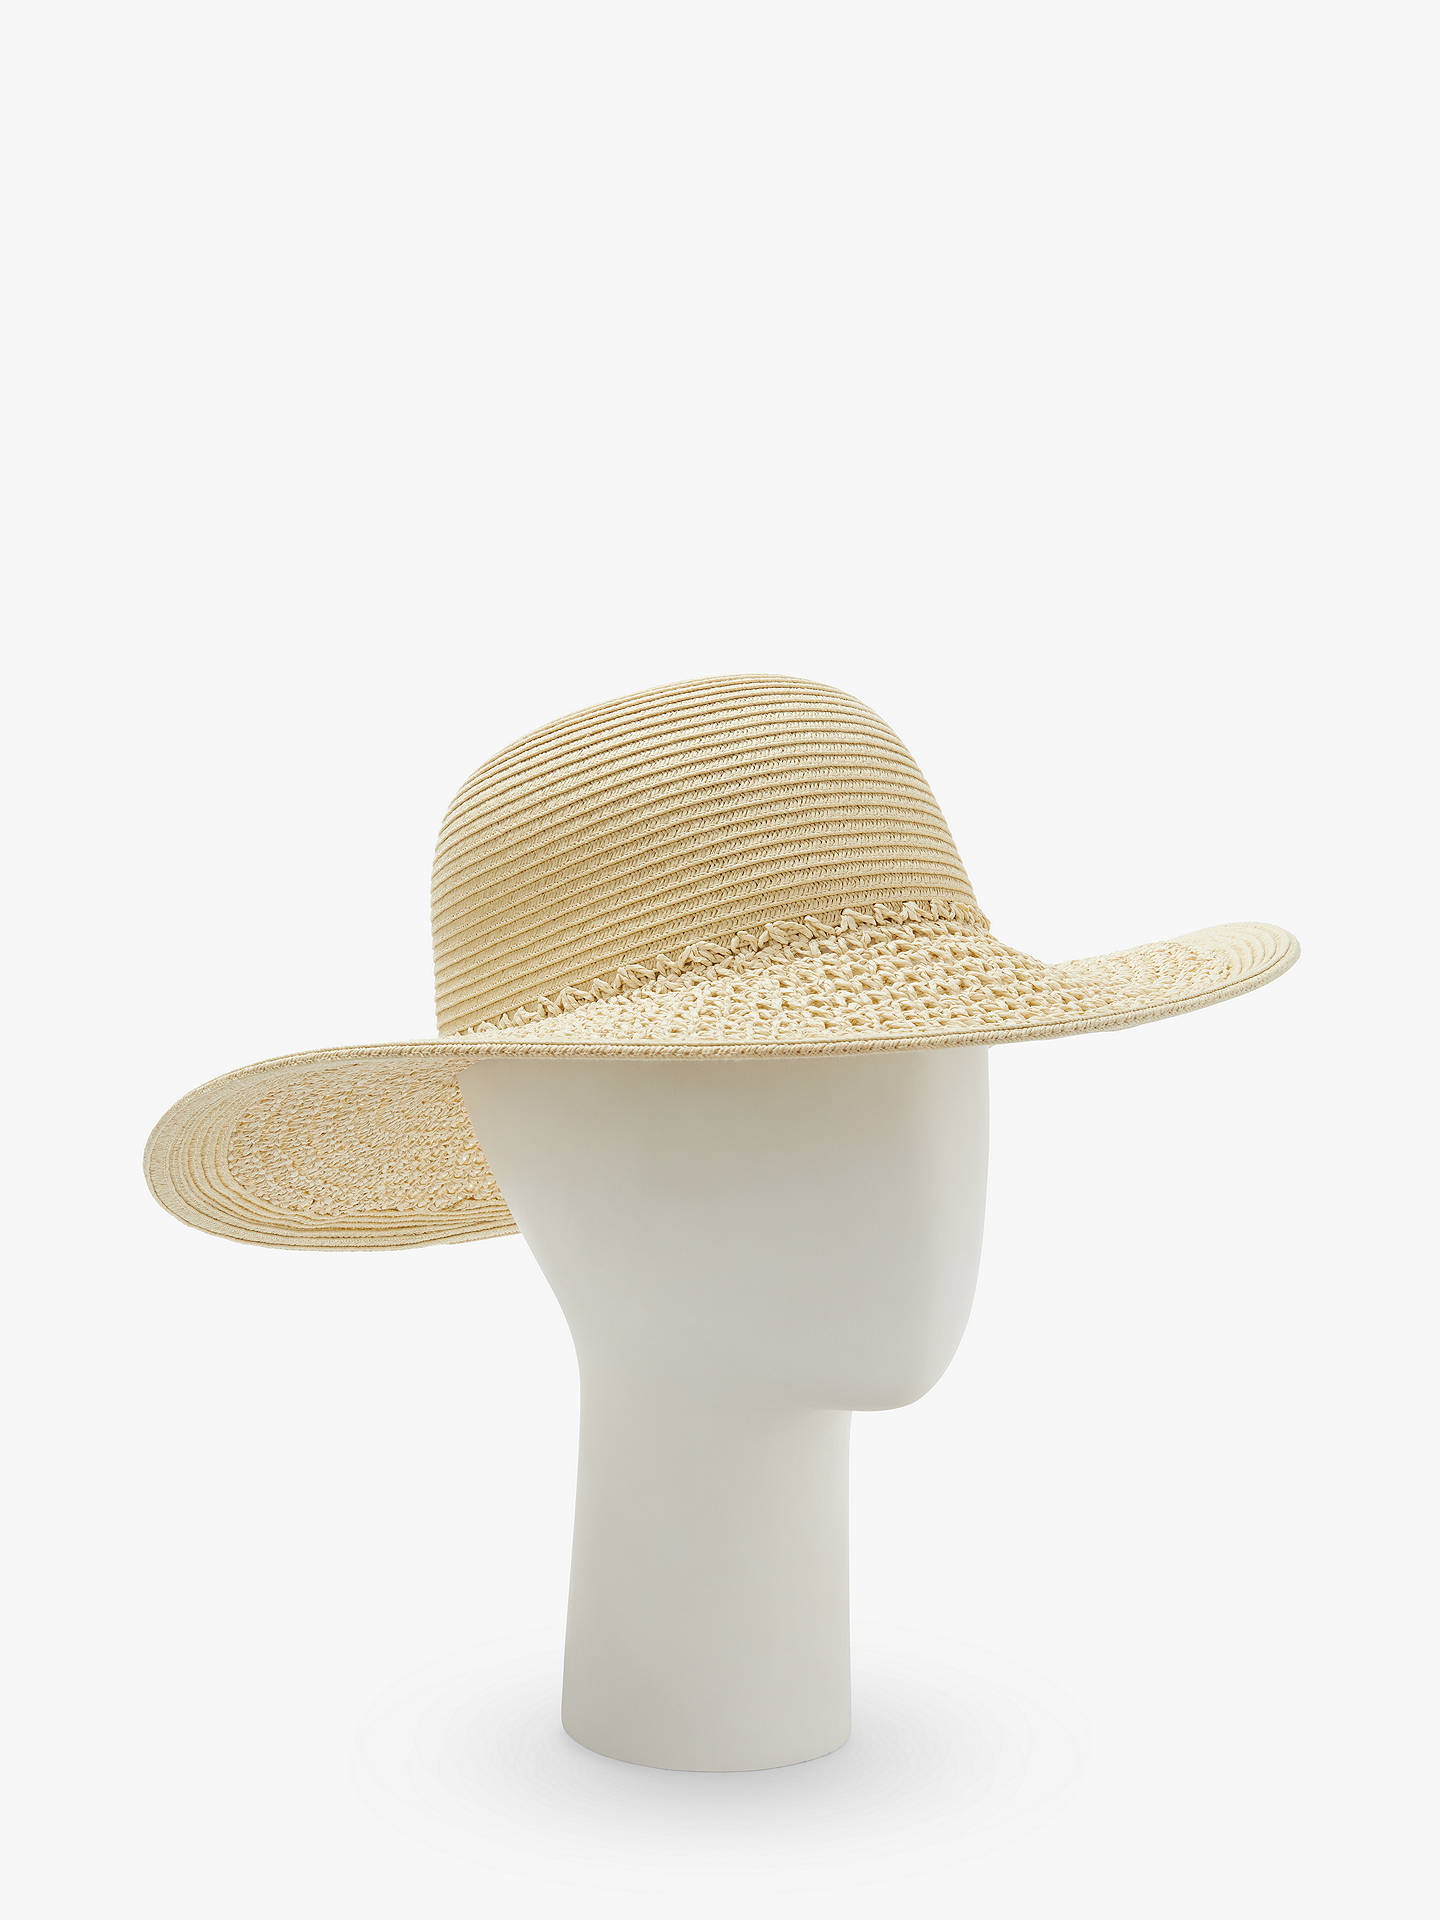 7a0a2a6c0 John Lewis & Partners Packable Weave Floppy Sun Hat, Natural